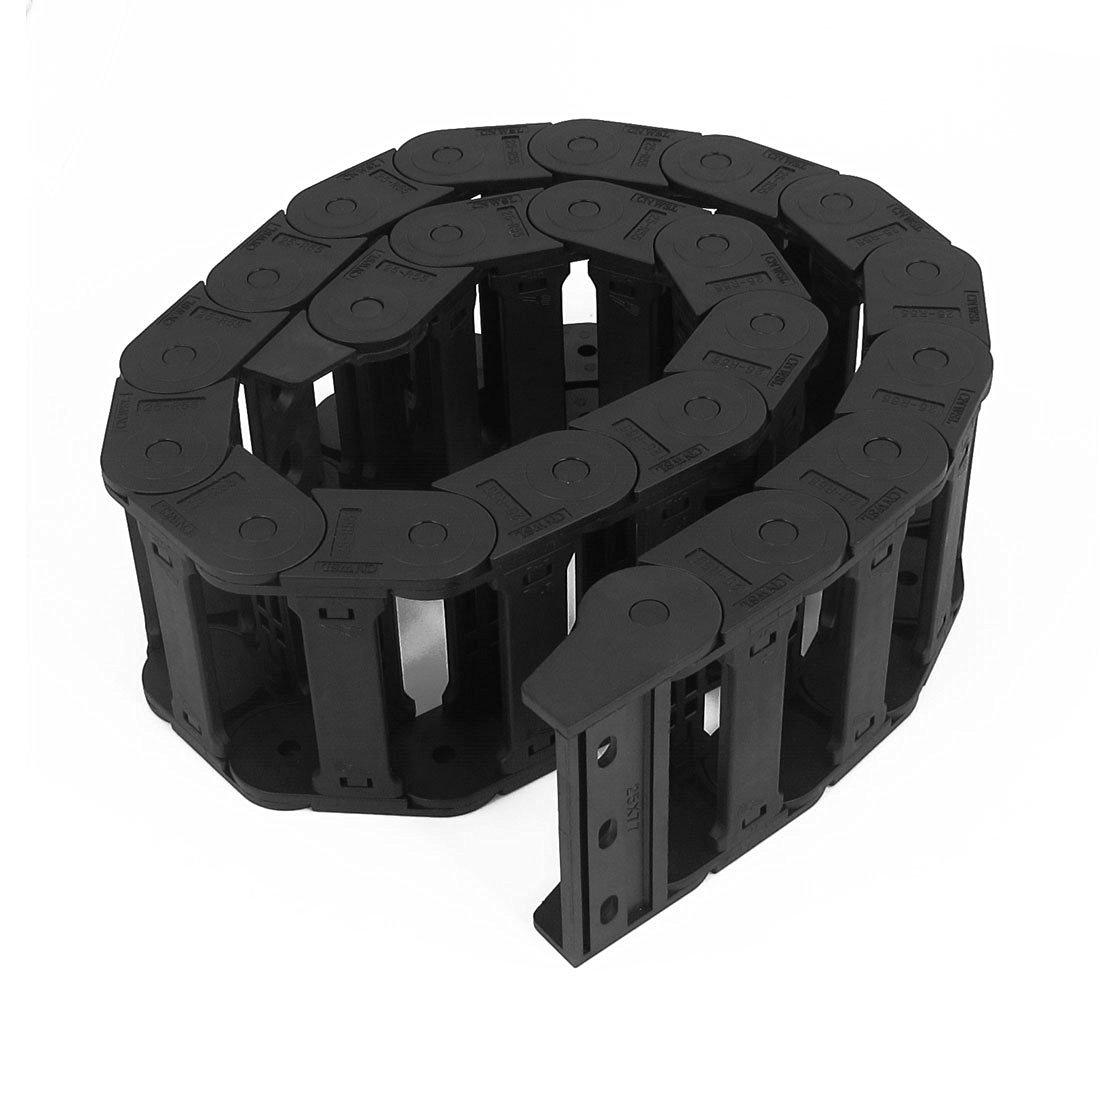 Ehrlichkeit Maschine Werkzeug 25x77mm Schwarz Kabel Draht Carrier Schleppkette Nested Wohltuend FüR Das Sperma Ketten Hardware